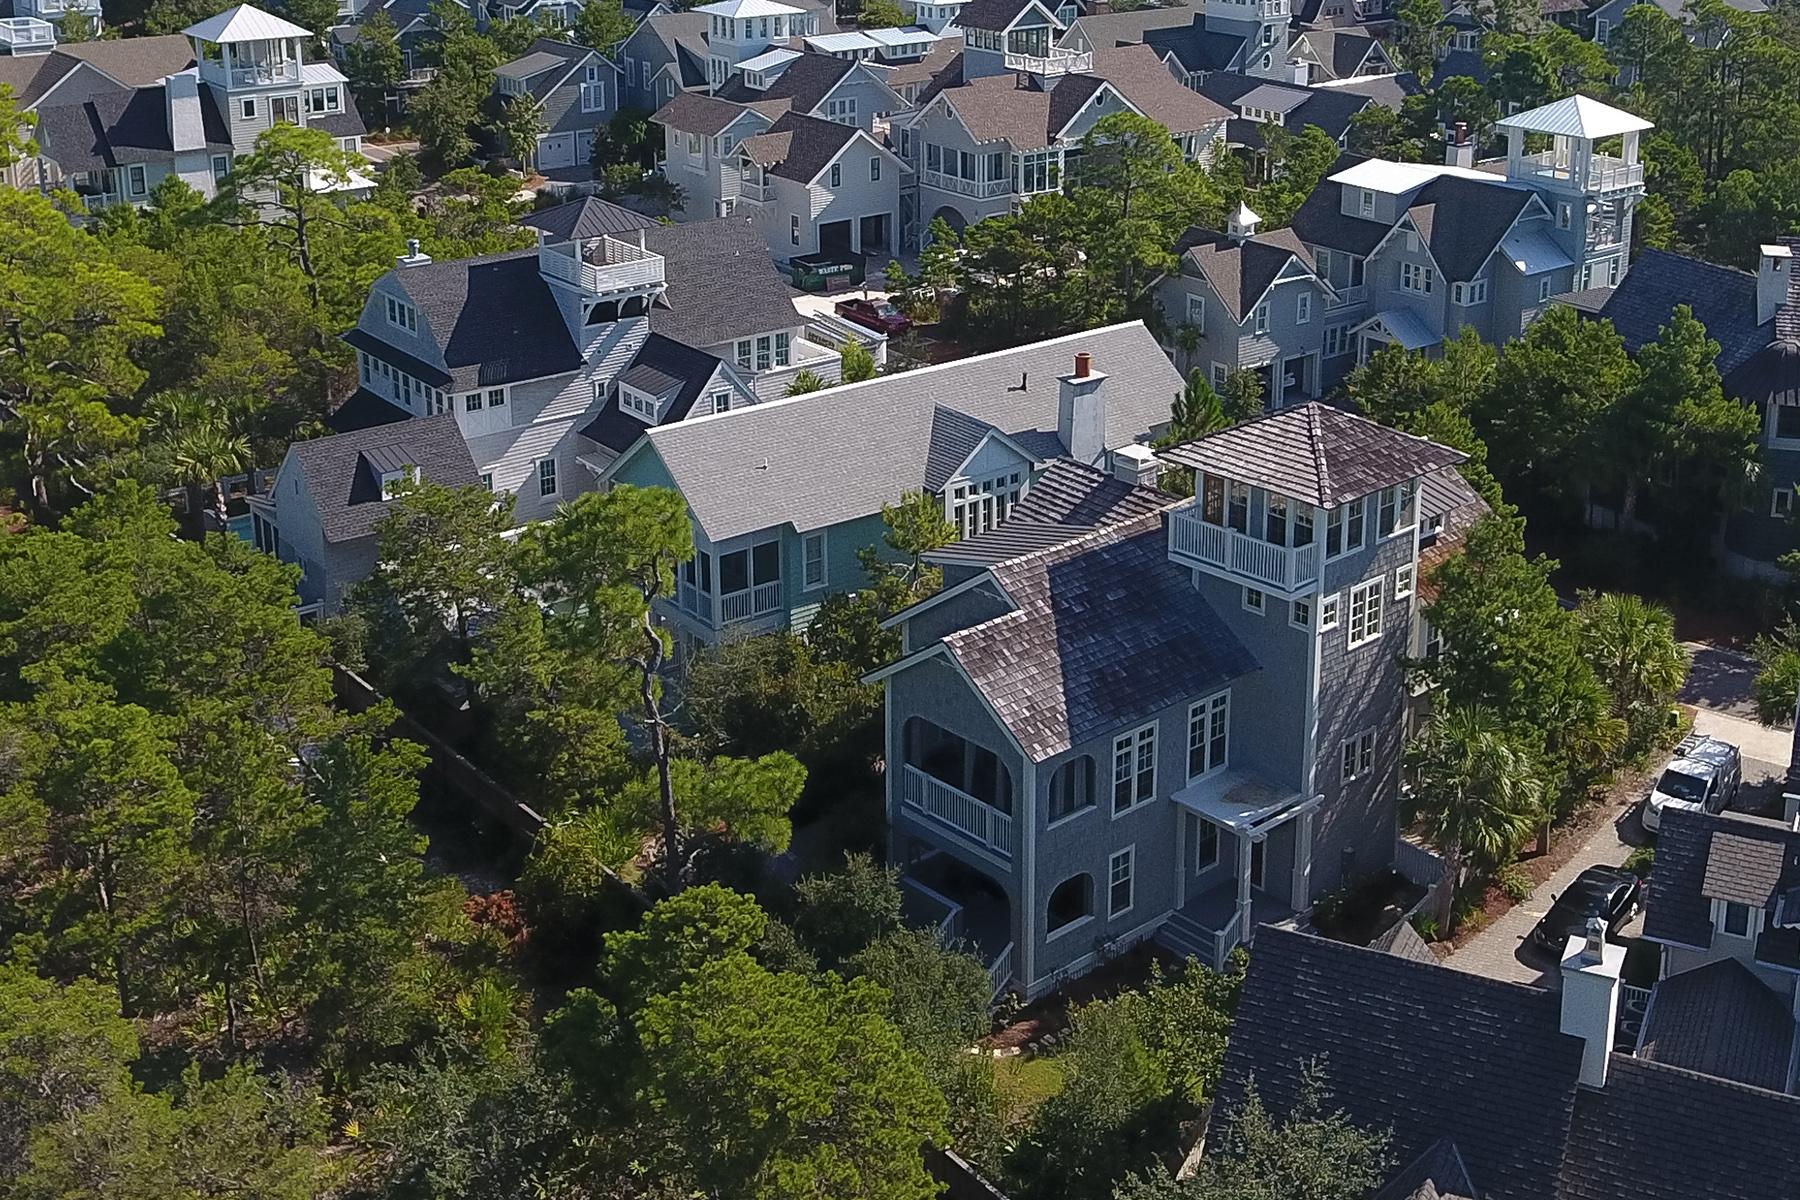 独户住宅 为 销售 在 BEAUTIFULLY DECORATED BORDERING TRANQUIL STATE PAR 148 Coopersmith Lane Watersound, Watersound, 佛罗里达州, 32461 美国